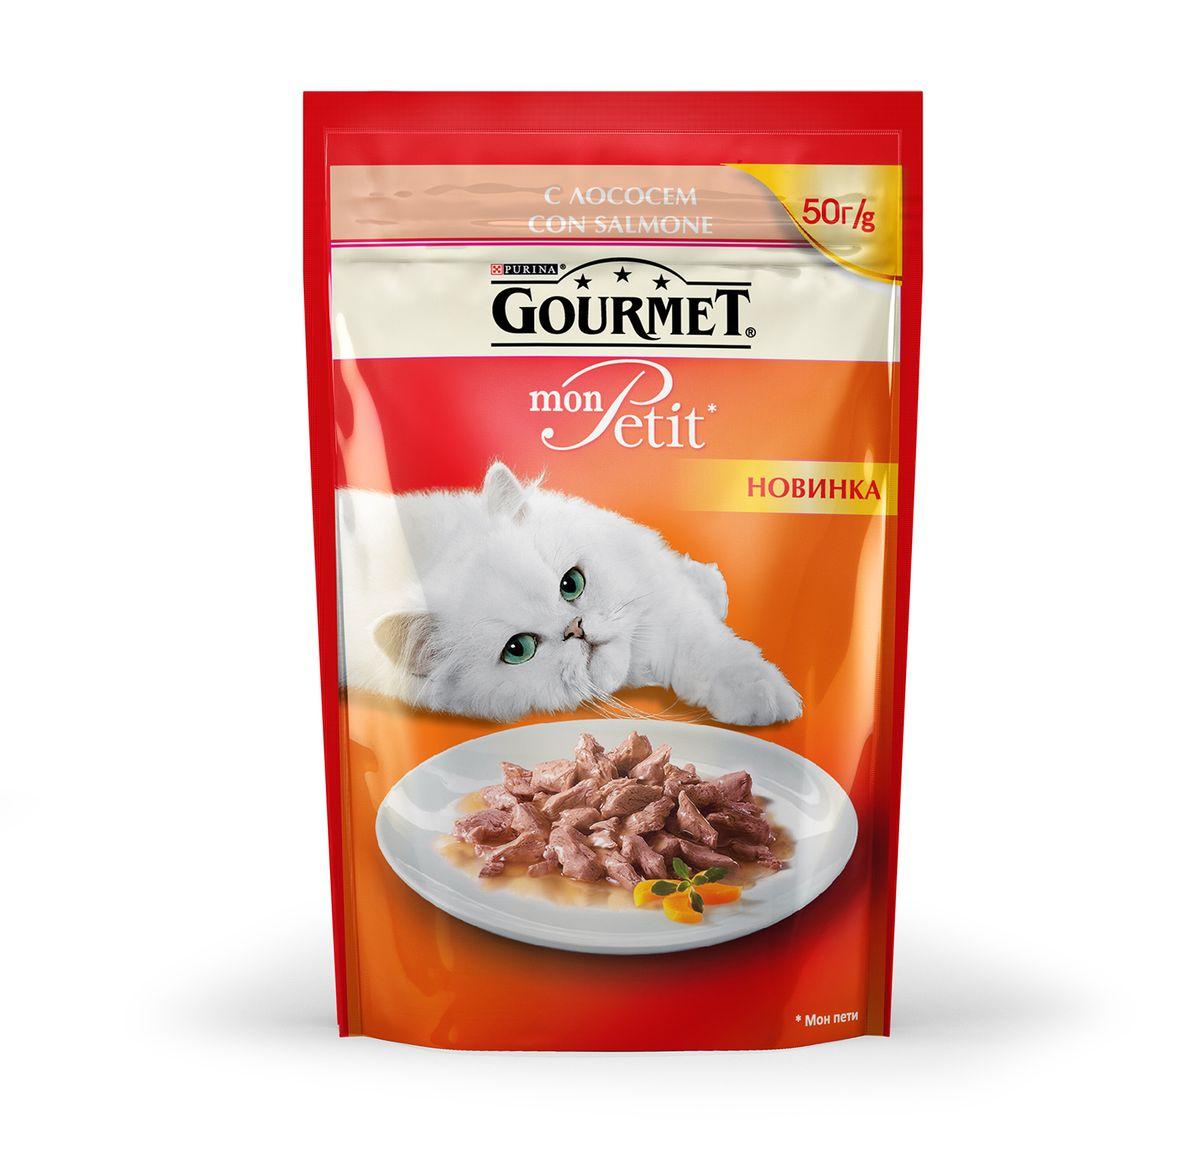 Консервы Gourmet Mon Petit, для взрослых кошек, с лососем, 50 г0120710Настоящие гурманы знают, что ничто не сравнится с восхитительным вкусом только что приготовленного блюда. Именно тогда изысканное сочетаниепревосходных ингредиентов раскрывается наиболее ярко. Ваши питомцы достойны вкусного питания - аппетитного обеда из нежнейших кусочков мяса из только что открытого пакетика. Особый формат упаковкиGourmet Mon Petit (50 г) удобен тем, что содержит порцию оптимального размера. Это позволяет вашему пушистому гурману доесть все сразу допоследнего кусочка, наслаждаясь пиком вкуса великолепного продукта. Больше не придется хранить остатки в холодильнике и на следующий деньуговаривать своего питомца все это съесть. Ведь он, как настоящий гурман, понимает, что вкусно только то, что сразу же оказывается у него на тарелке.Вы можете быть уверены - ваш гурман оценит изысканное сочетание высококачественных ингредиентов, бережно приготовленных в аппетитном соусе.Состав: мясо и продукты переработки мяса, экстракт растительного белка, рыба и продукты переработки рыбы (в том числе лосось 4%), минеральные вещества, сахара, красители, дрожжи, витамины. Добавленные вещества: витамин A 732 МЕ/кг; витамин D3 112 МЕ/кг; железо 8,4 мг/кг; йод 0,21 мг/кг; медь 0,73 мг/кг; марганец 1,6 мг/кг; цинк 15 мг/кг.Пищевая ценность в 100 г: влажность 81,4%, белок 12,3%, жир 2,8%, сырая зола 1,6%, сырая клетчатка 0,07%.Товар сертифицирован.